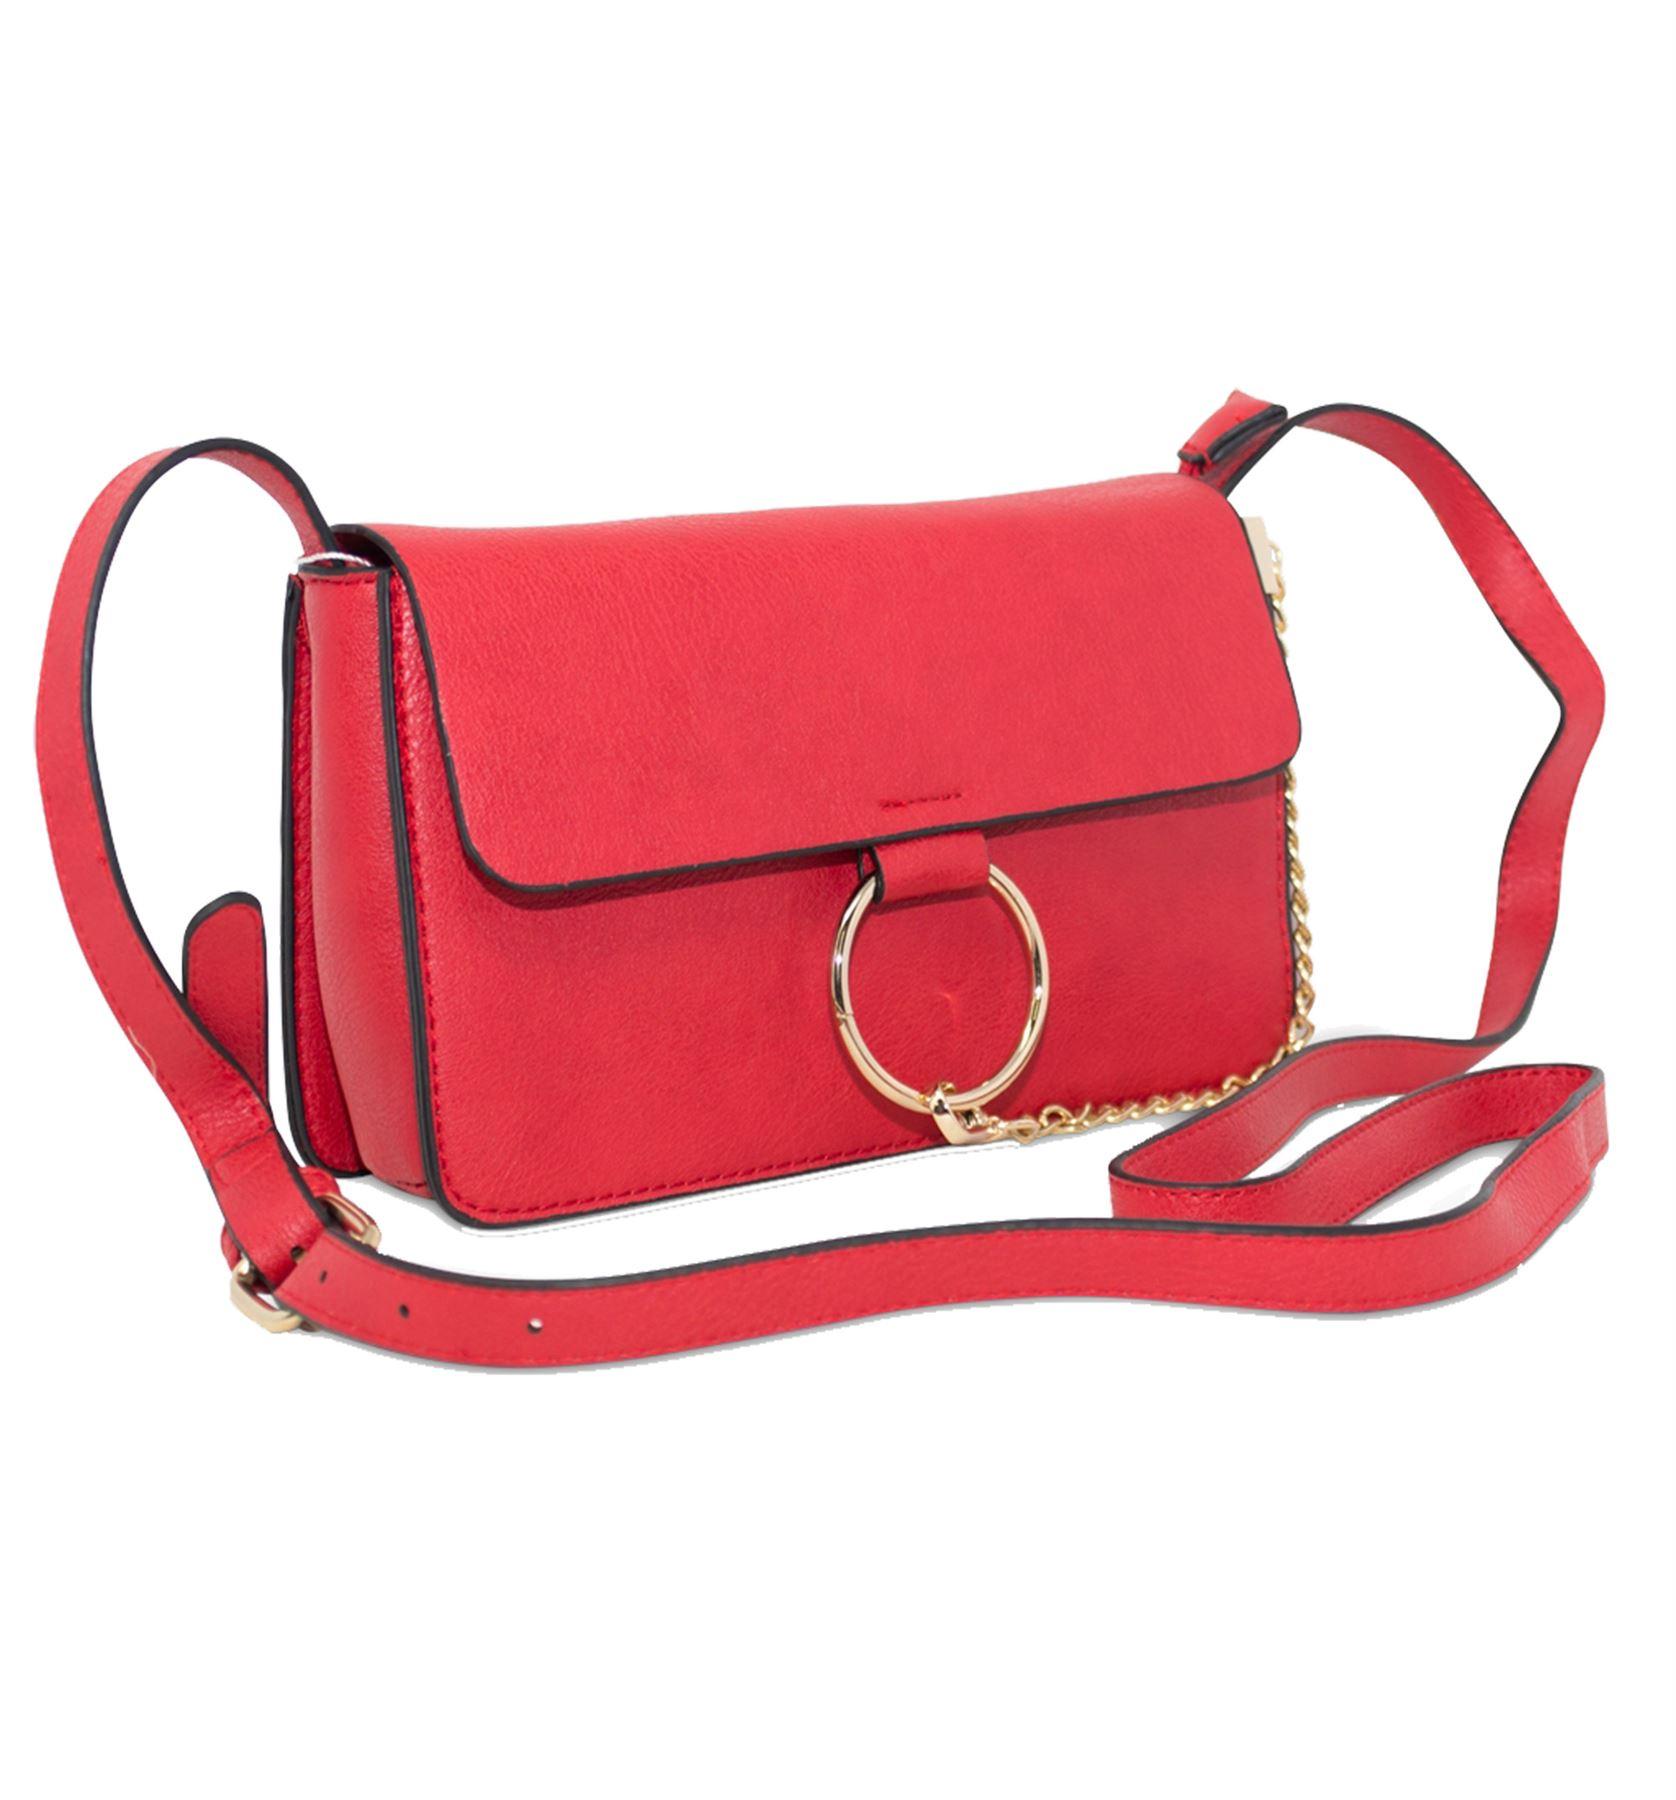 New Women's Fashion Gold Hoop Chain Design Belt Strap Shoulder Bag